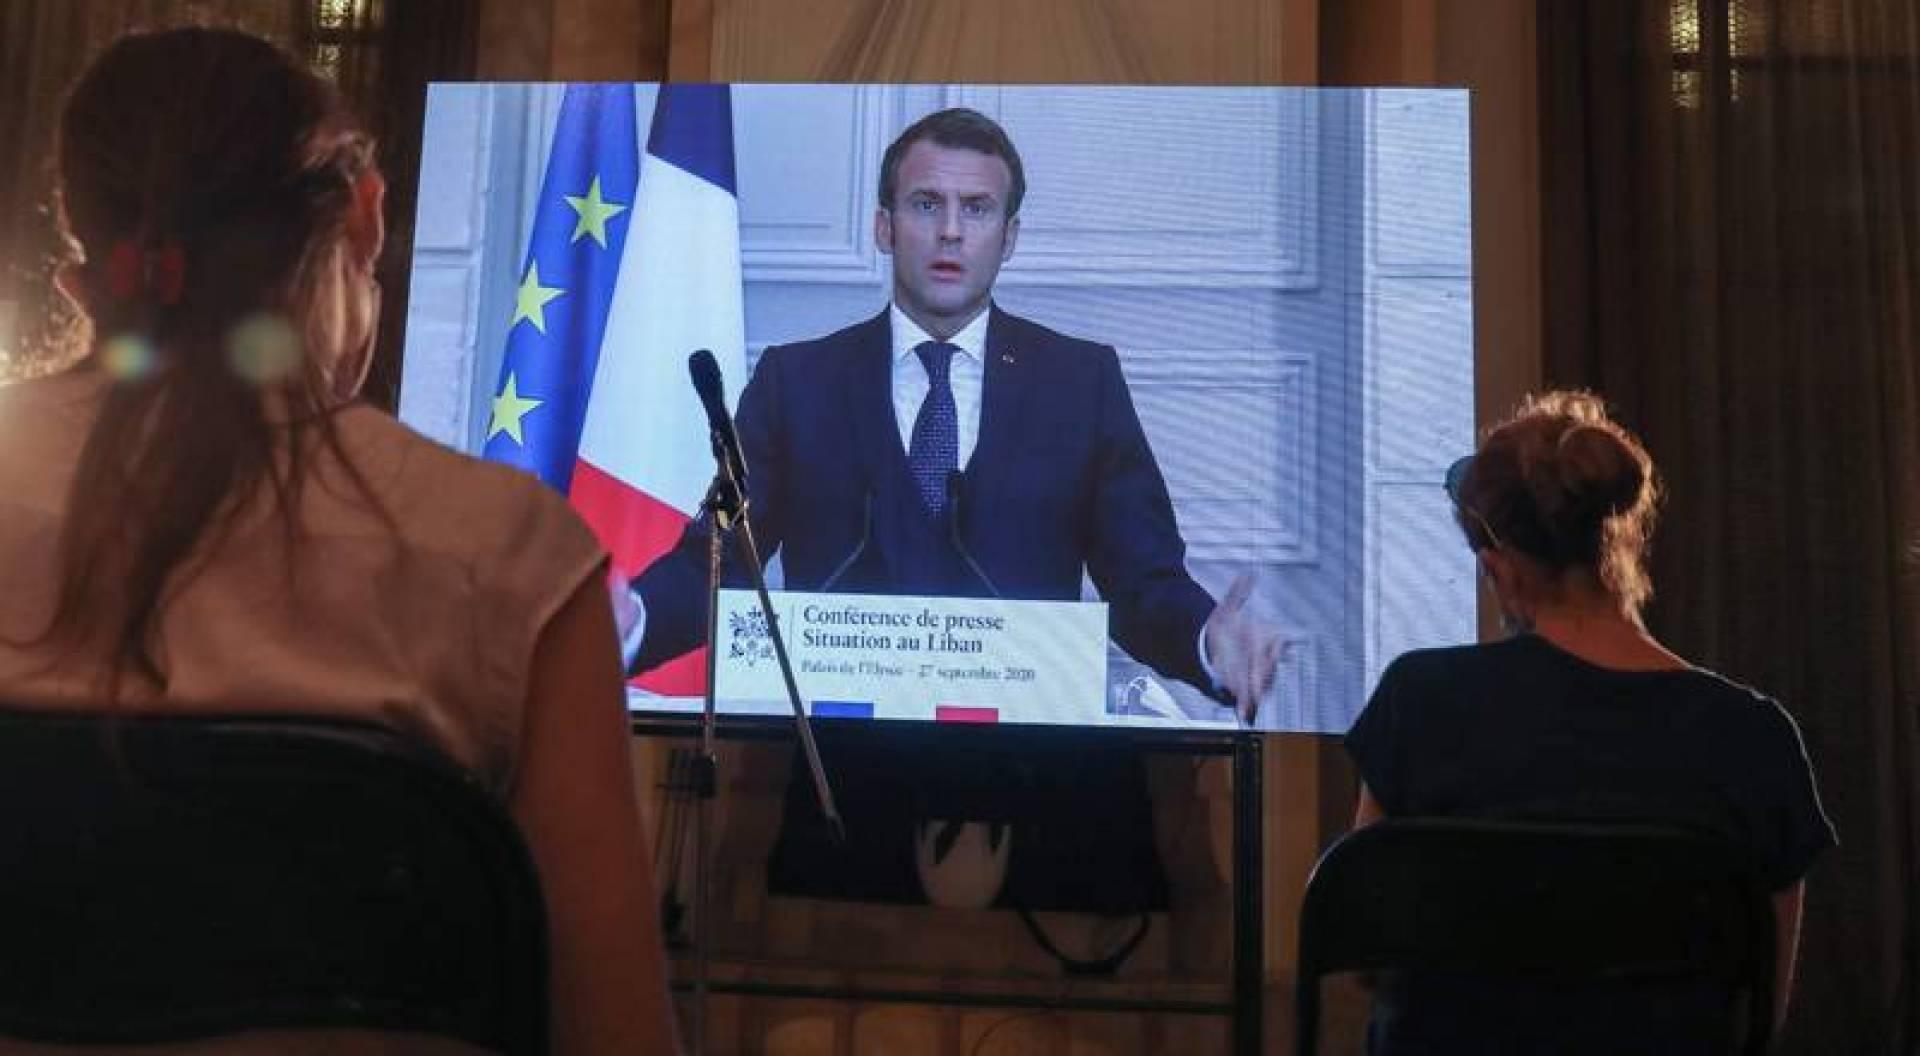 لبنان: الهزة الفرنسية جمّدت المسؤولين.. والعين على حزب الله